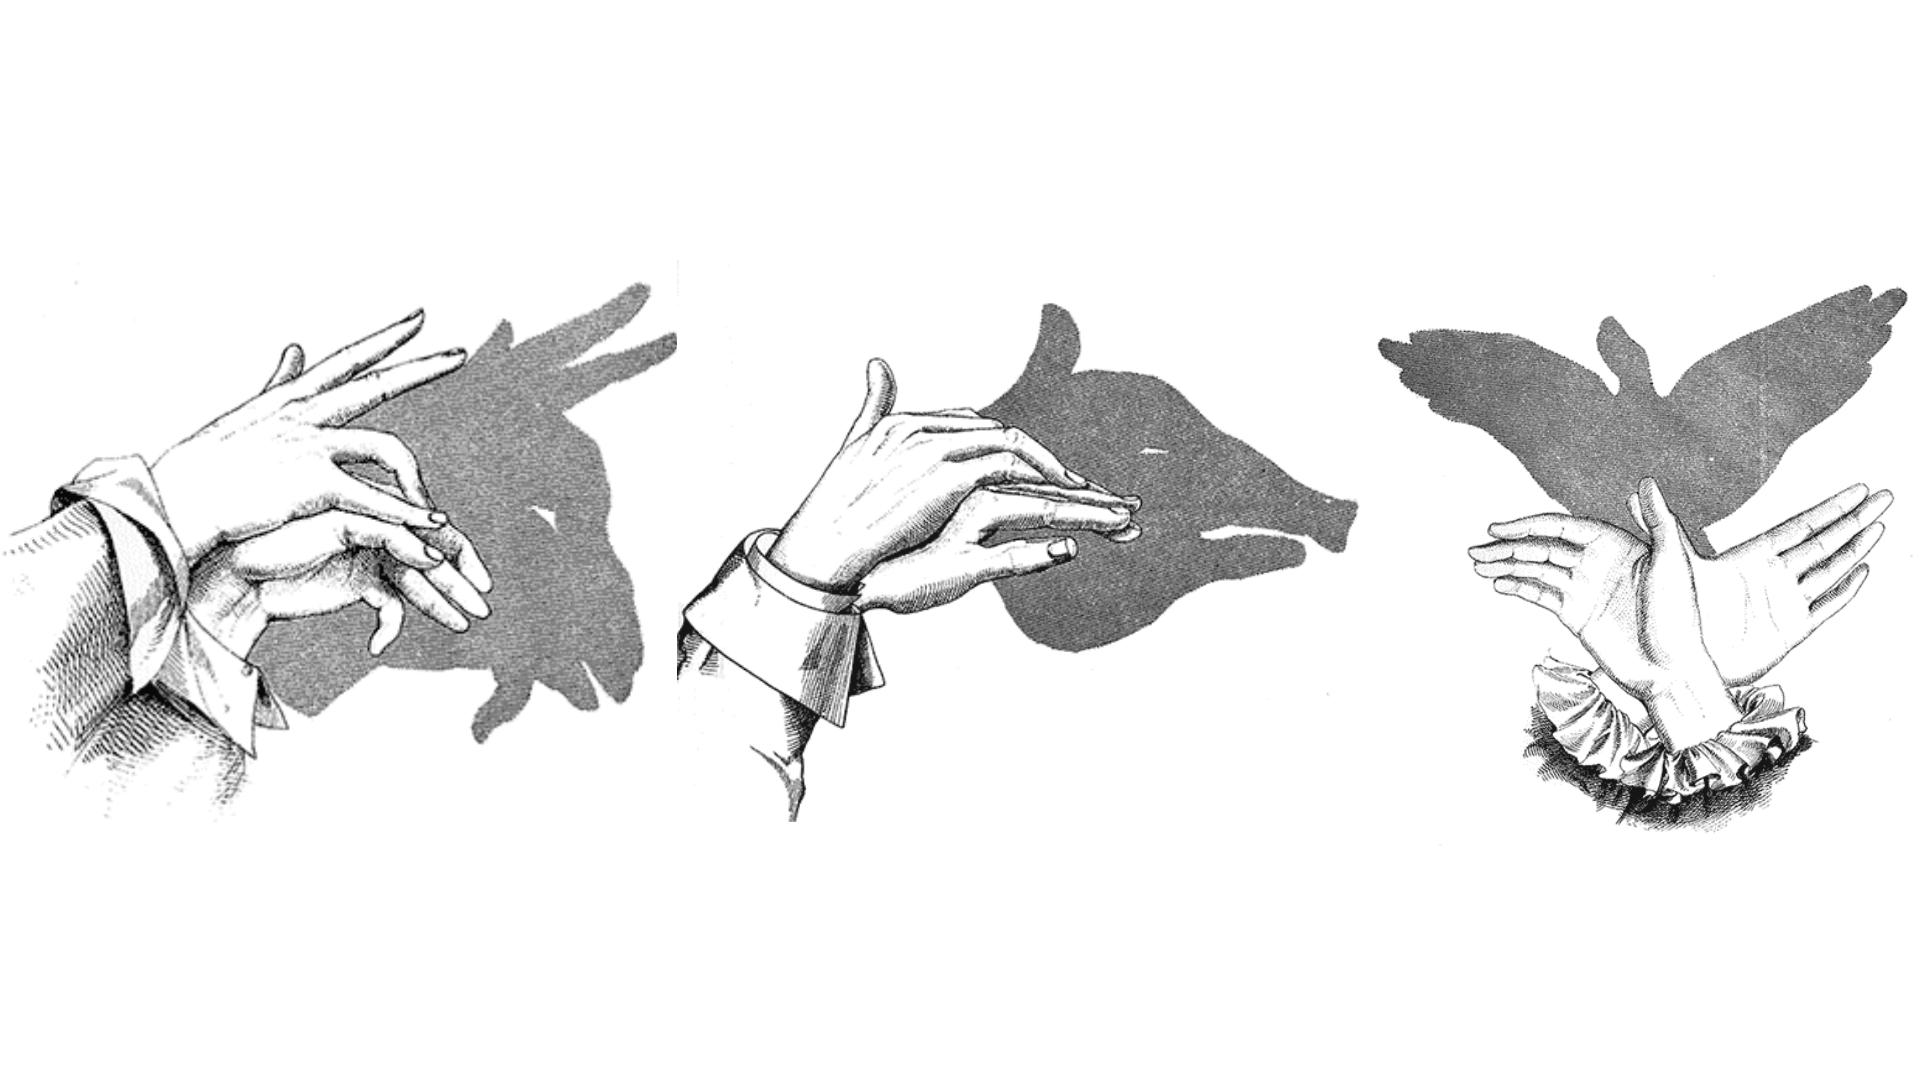 子どもと一緒にできる、手を使った影絵7選とやり方 | ライフハッカー ...